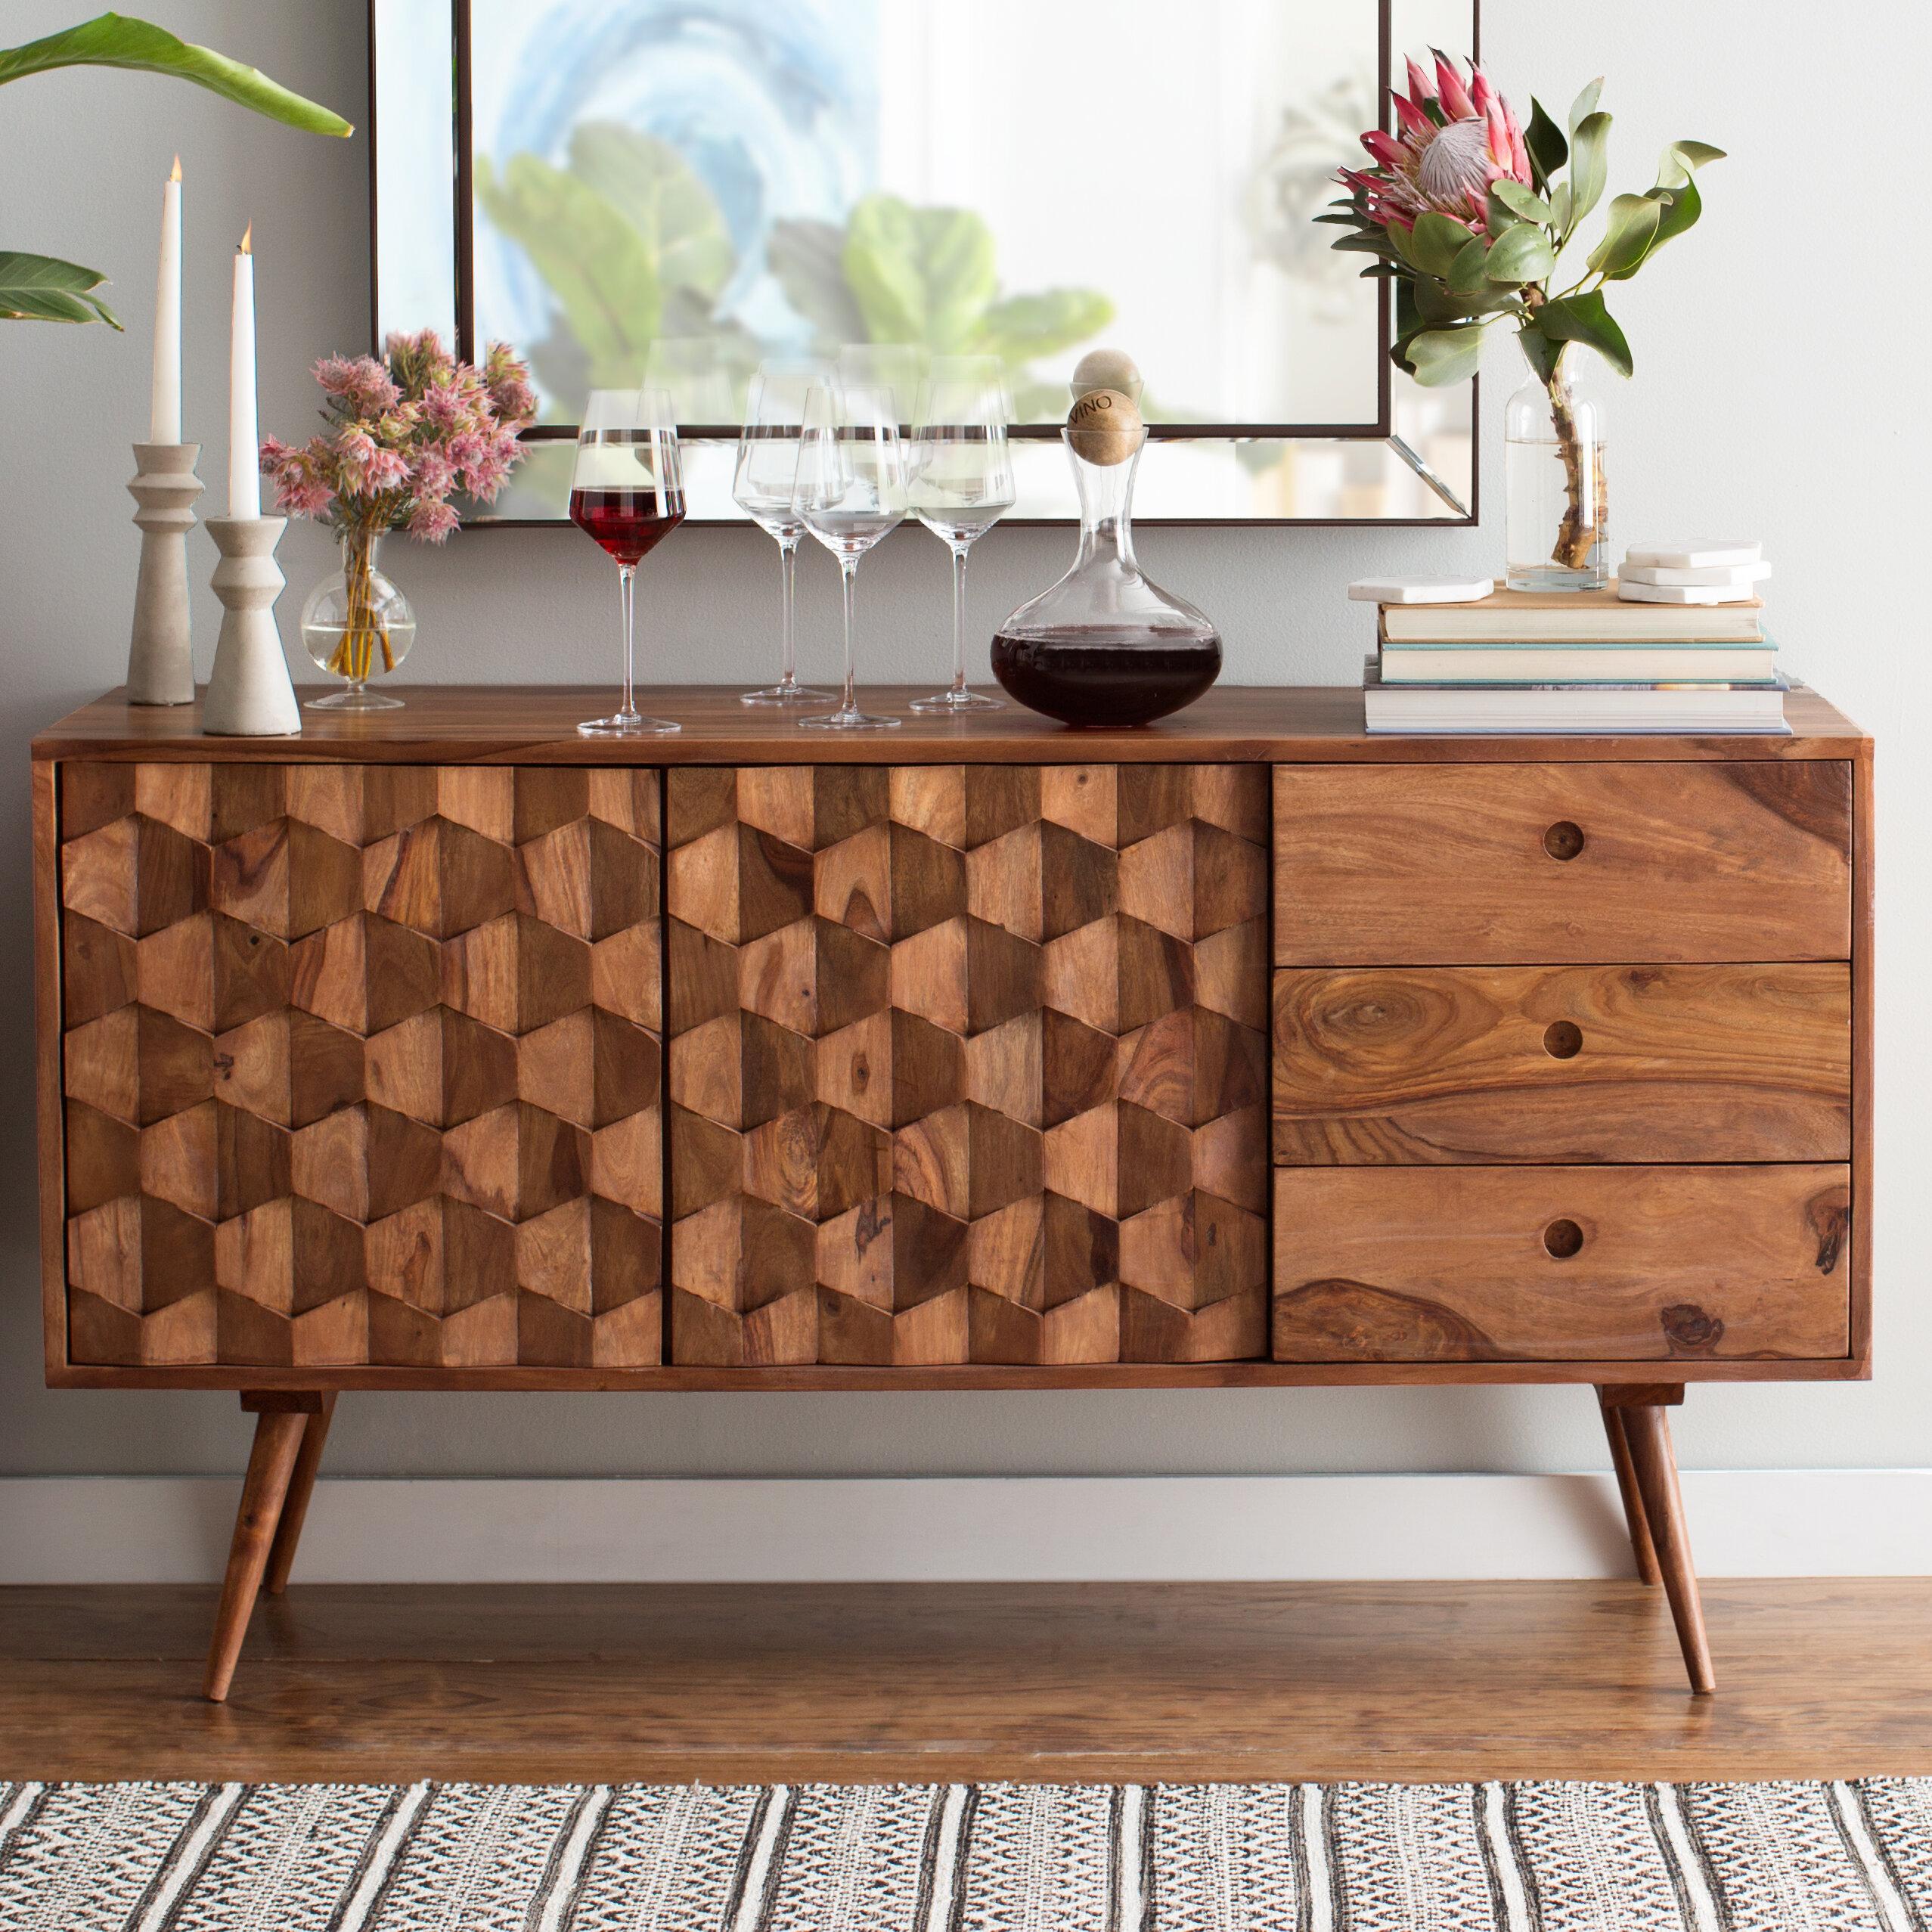 moe 39 s home collection allmodern. Black Bedroom Furniture Sets. Home Design Ideas